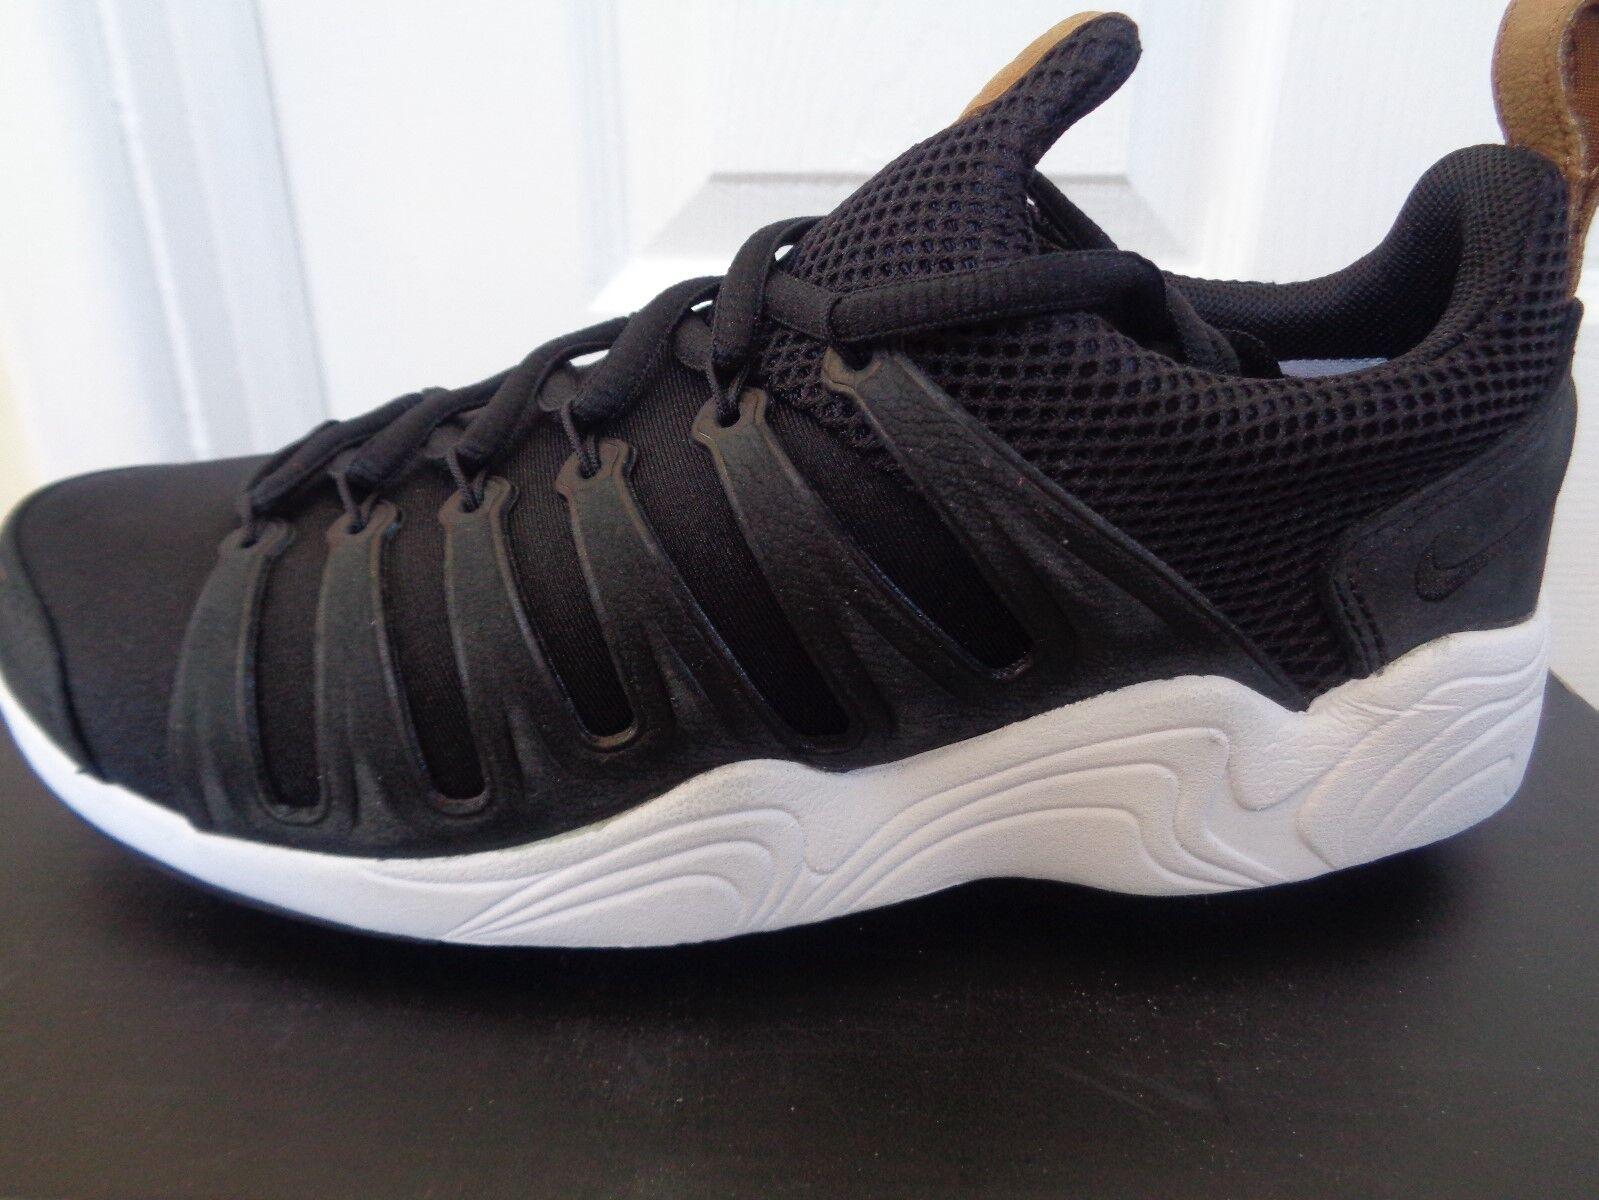 Nike Zoom spirimic Tenis Zapatillas 4.5 881983 Air 002 nos 4.5 Zapatillas Nuevo  Caja 362ca4